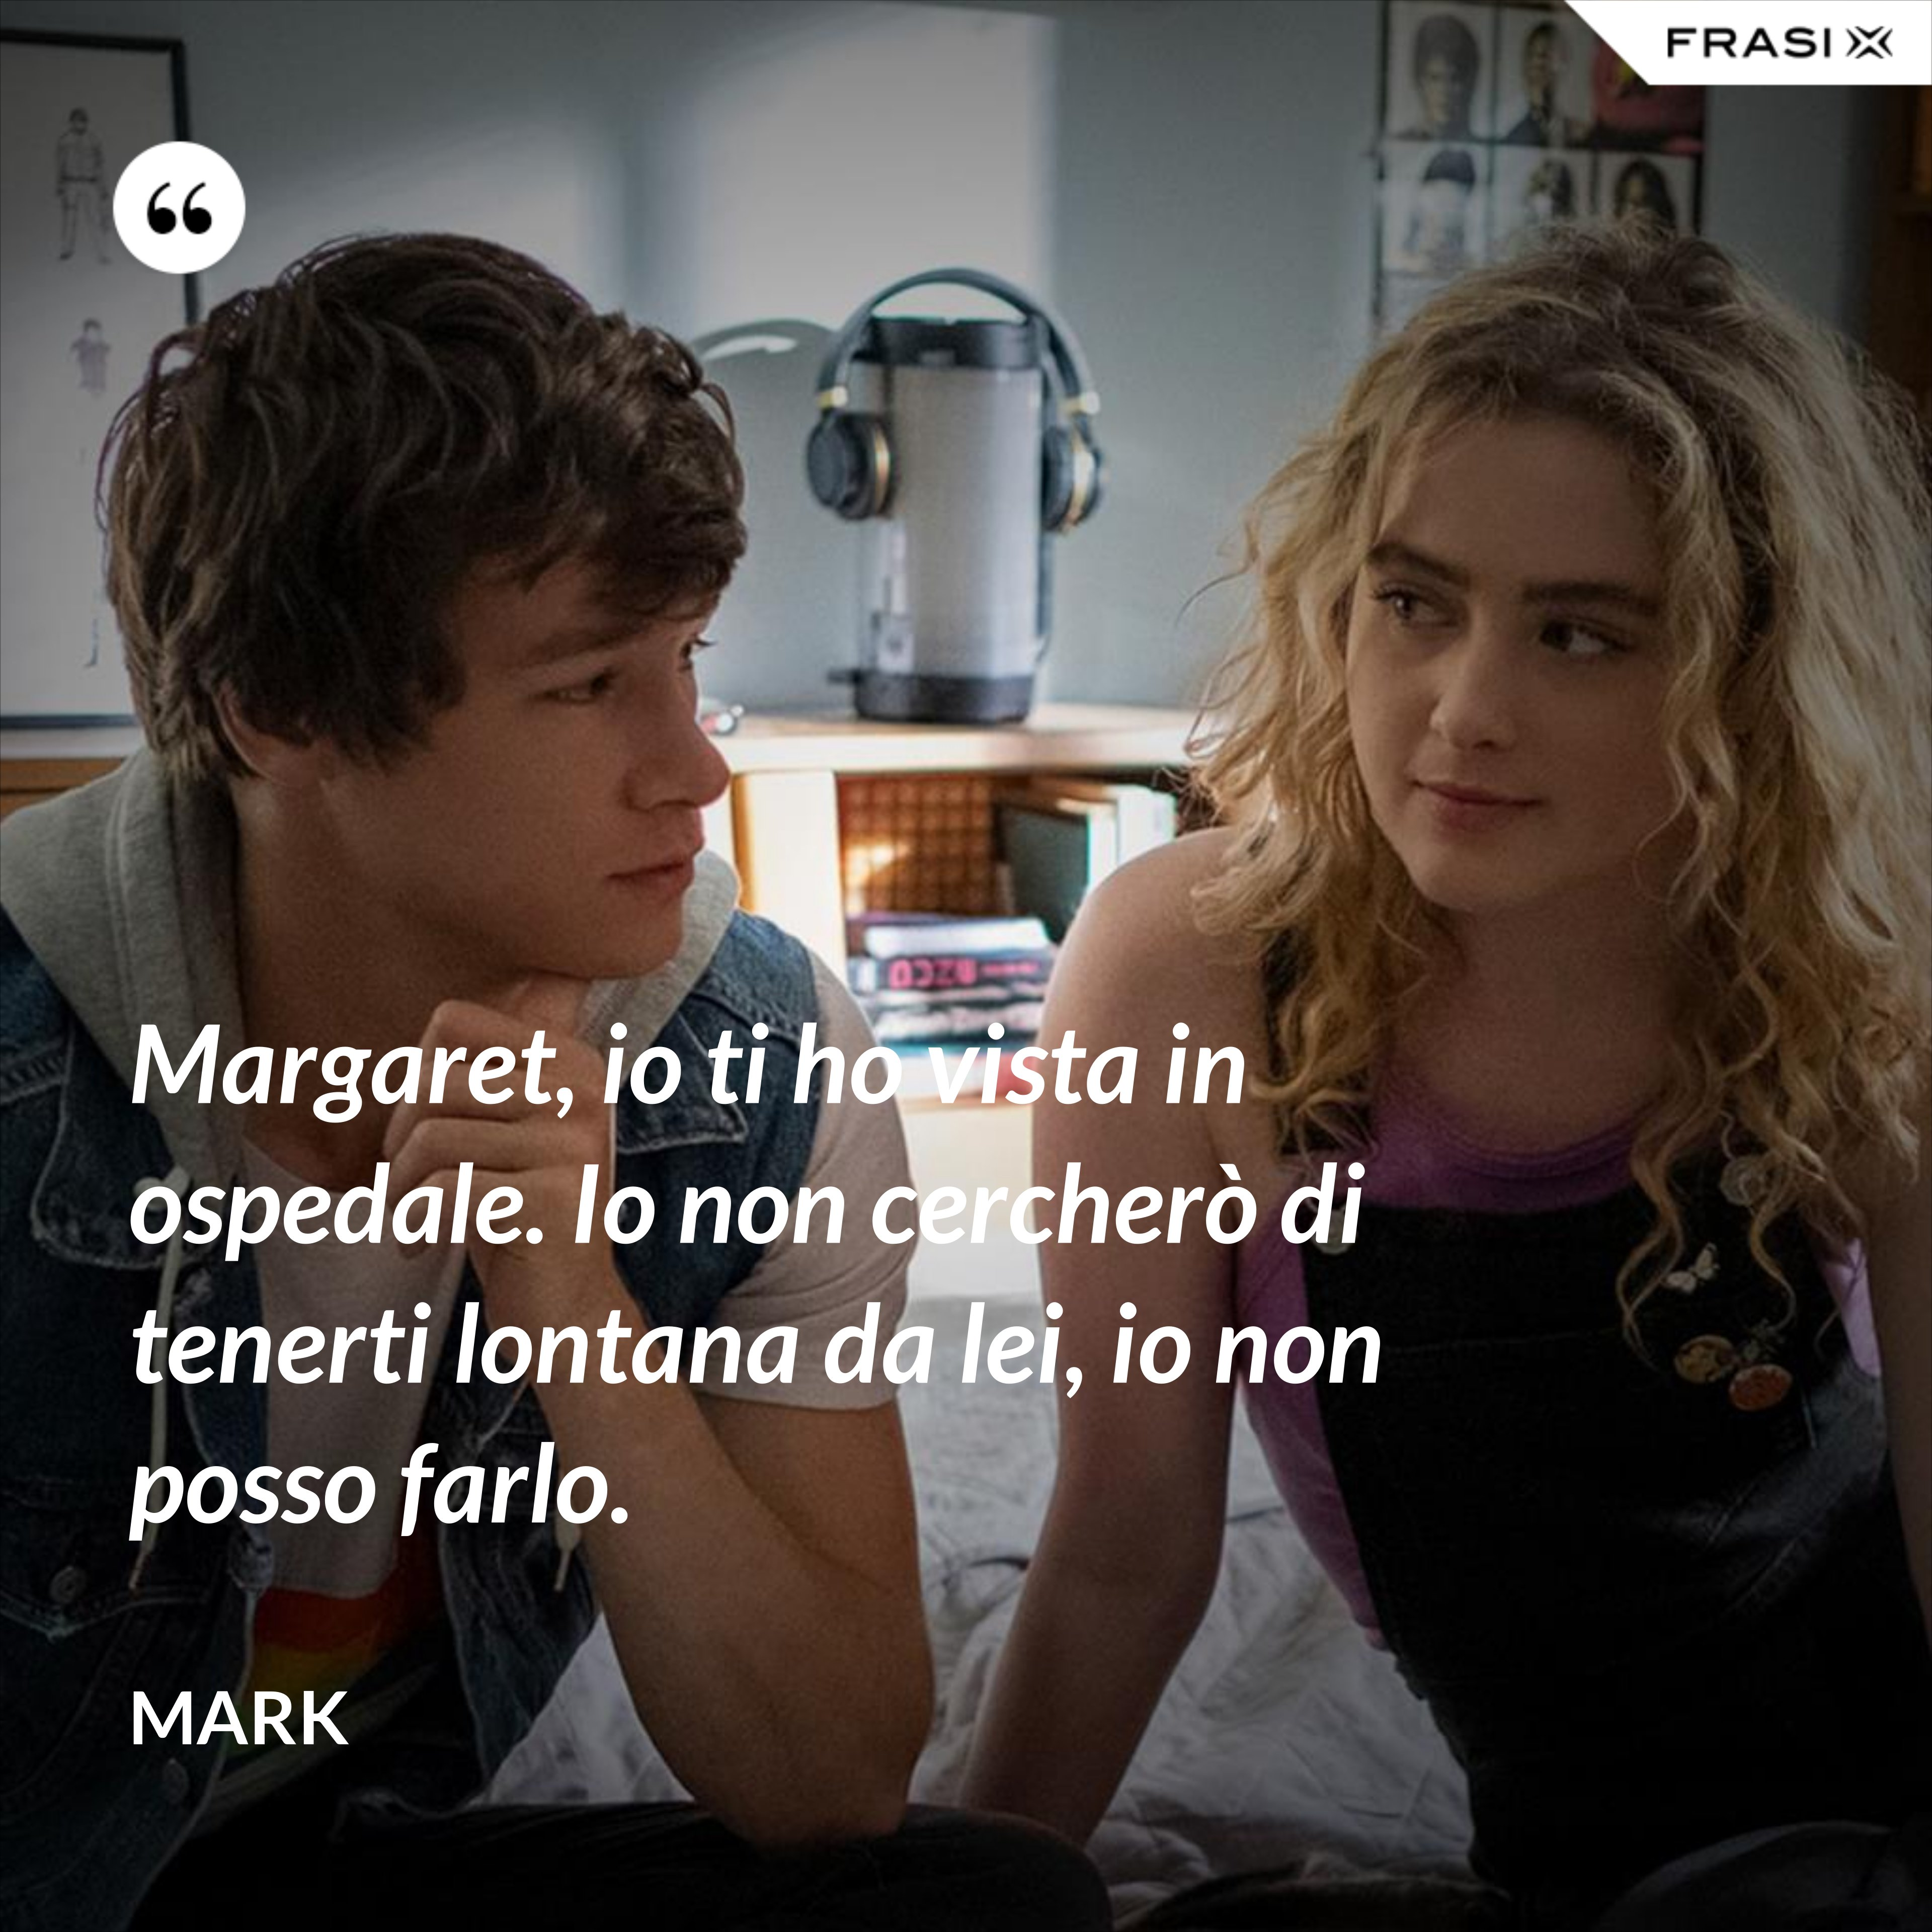 Margaret, io ti ho vista in ospedale. Io non cercherò di tenerti lontana da lei, io non posso farlo. - Mark